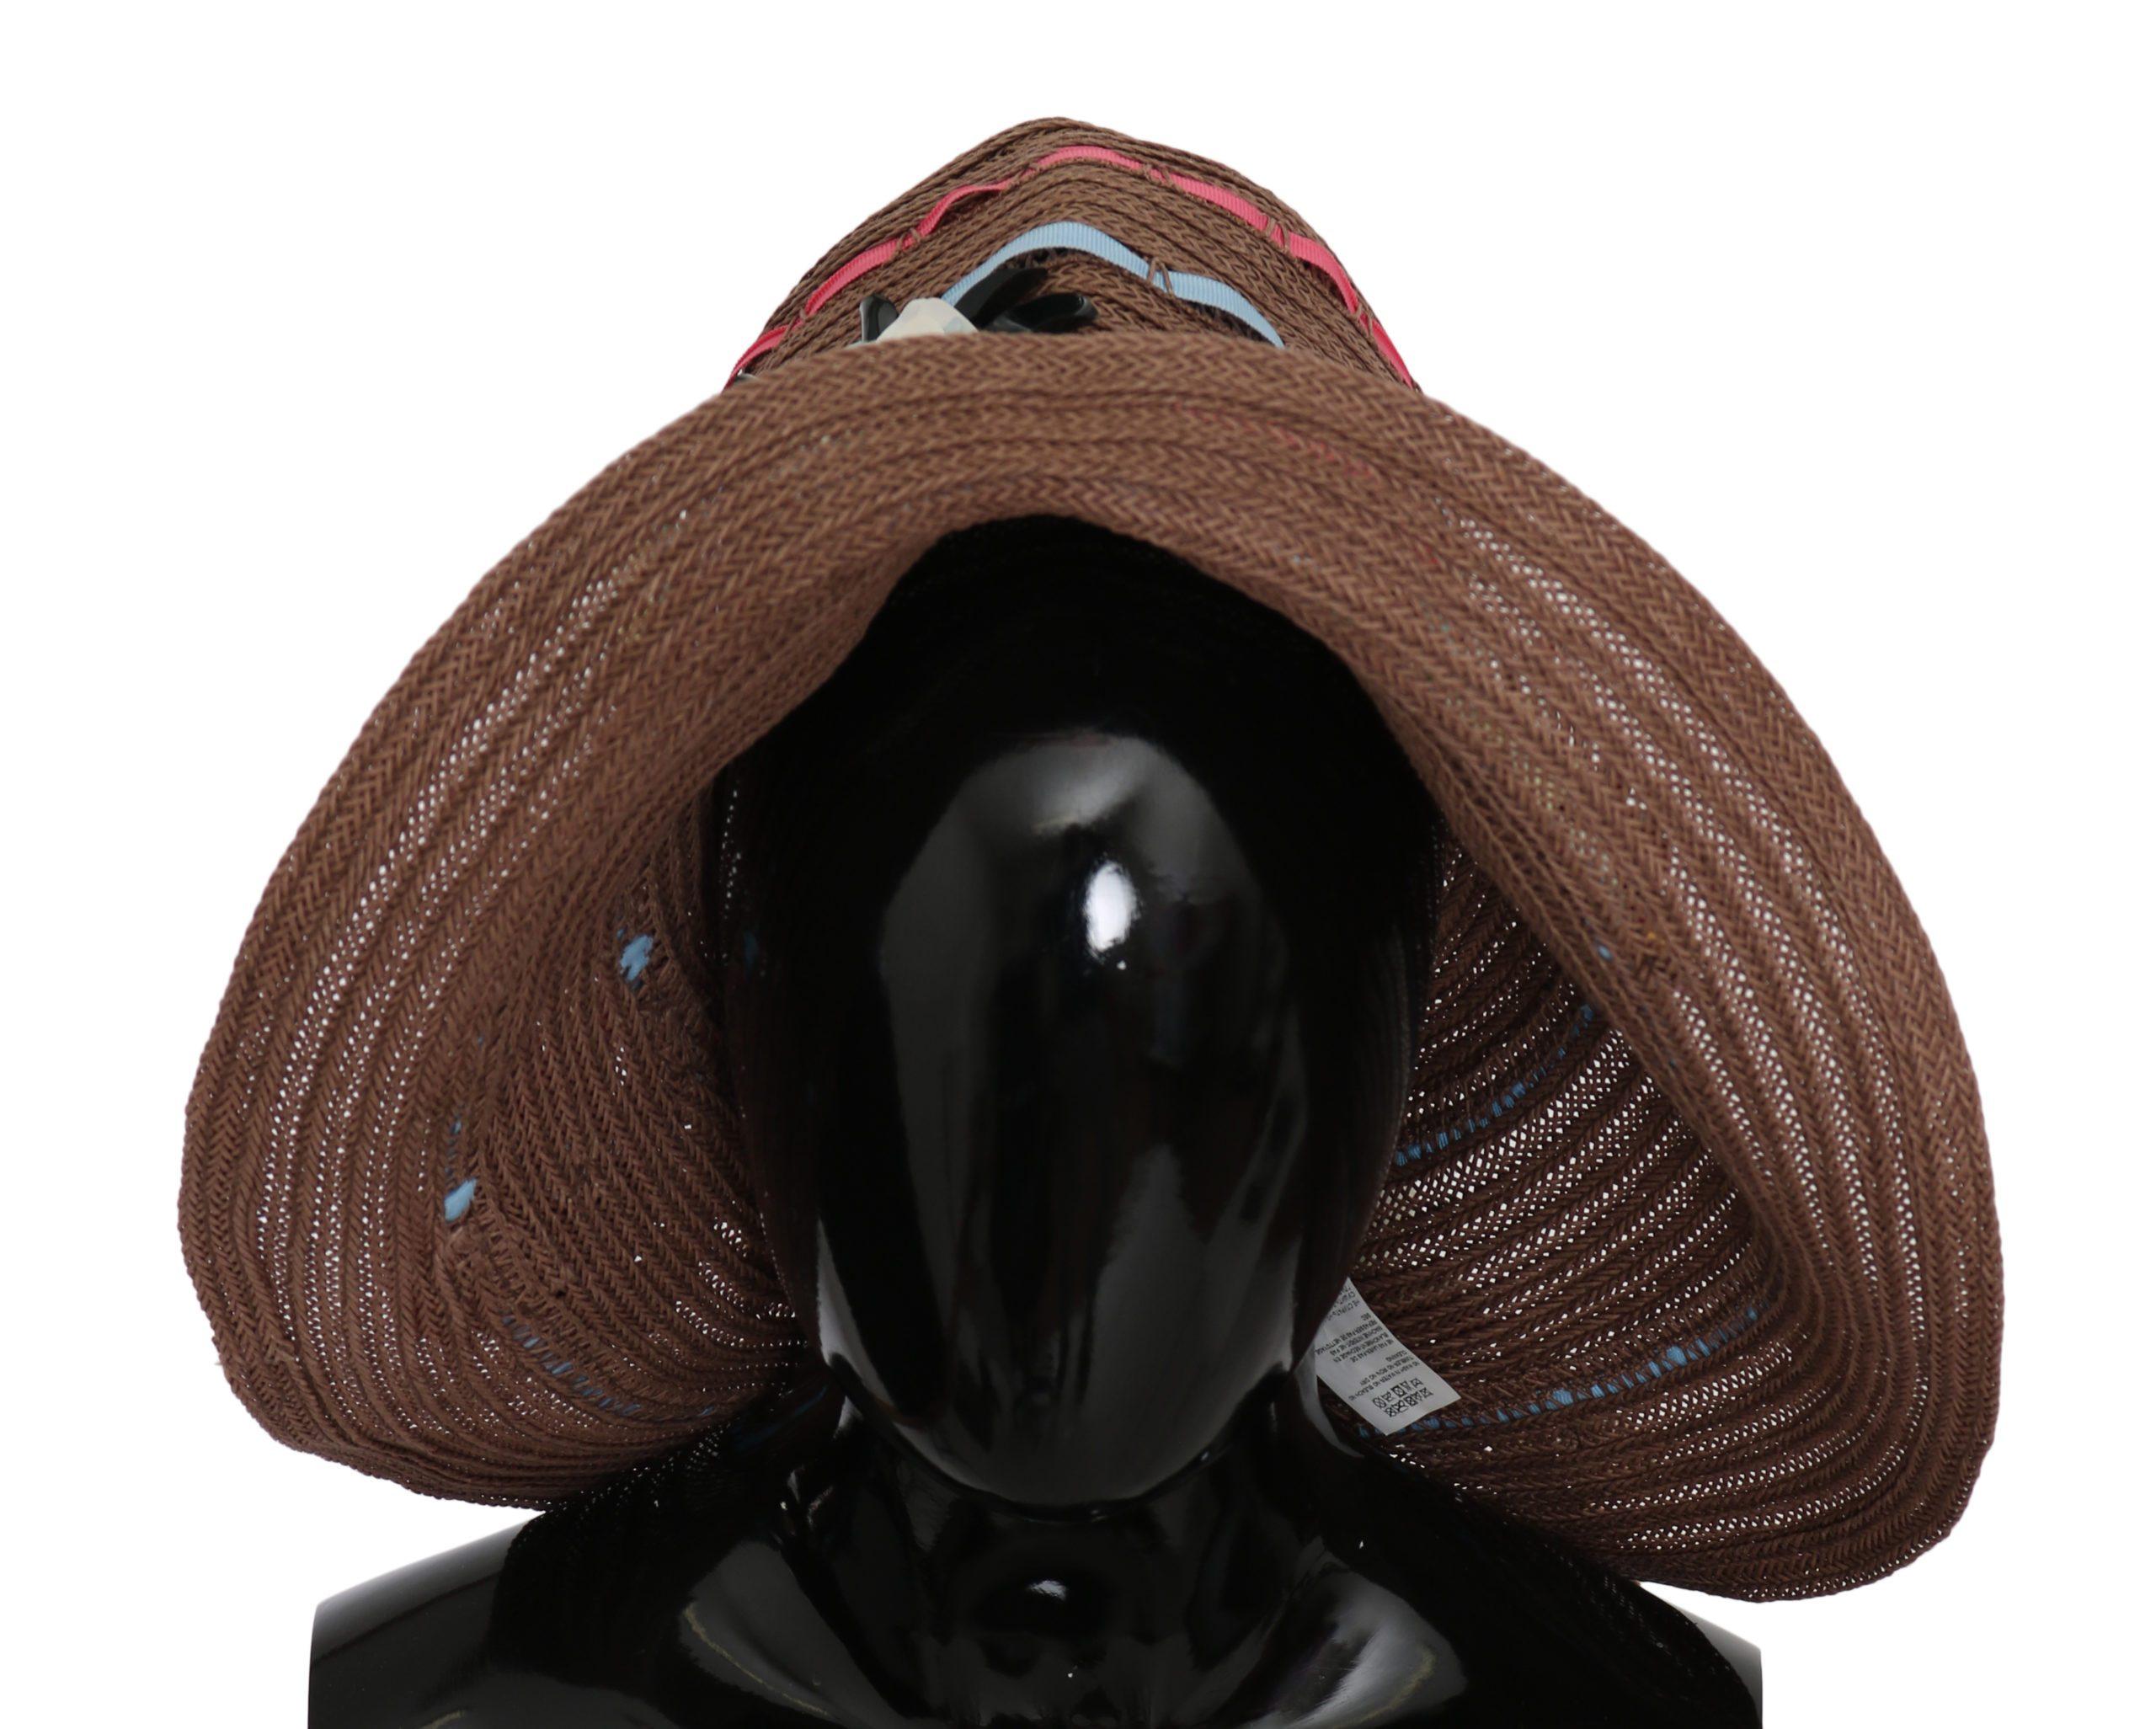 Dolce & Gabbana Women's Floral Wide Brim Straw Hat Brown HAT9063 - 58 cm M